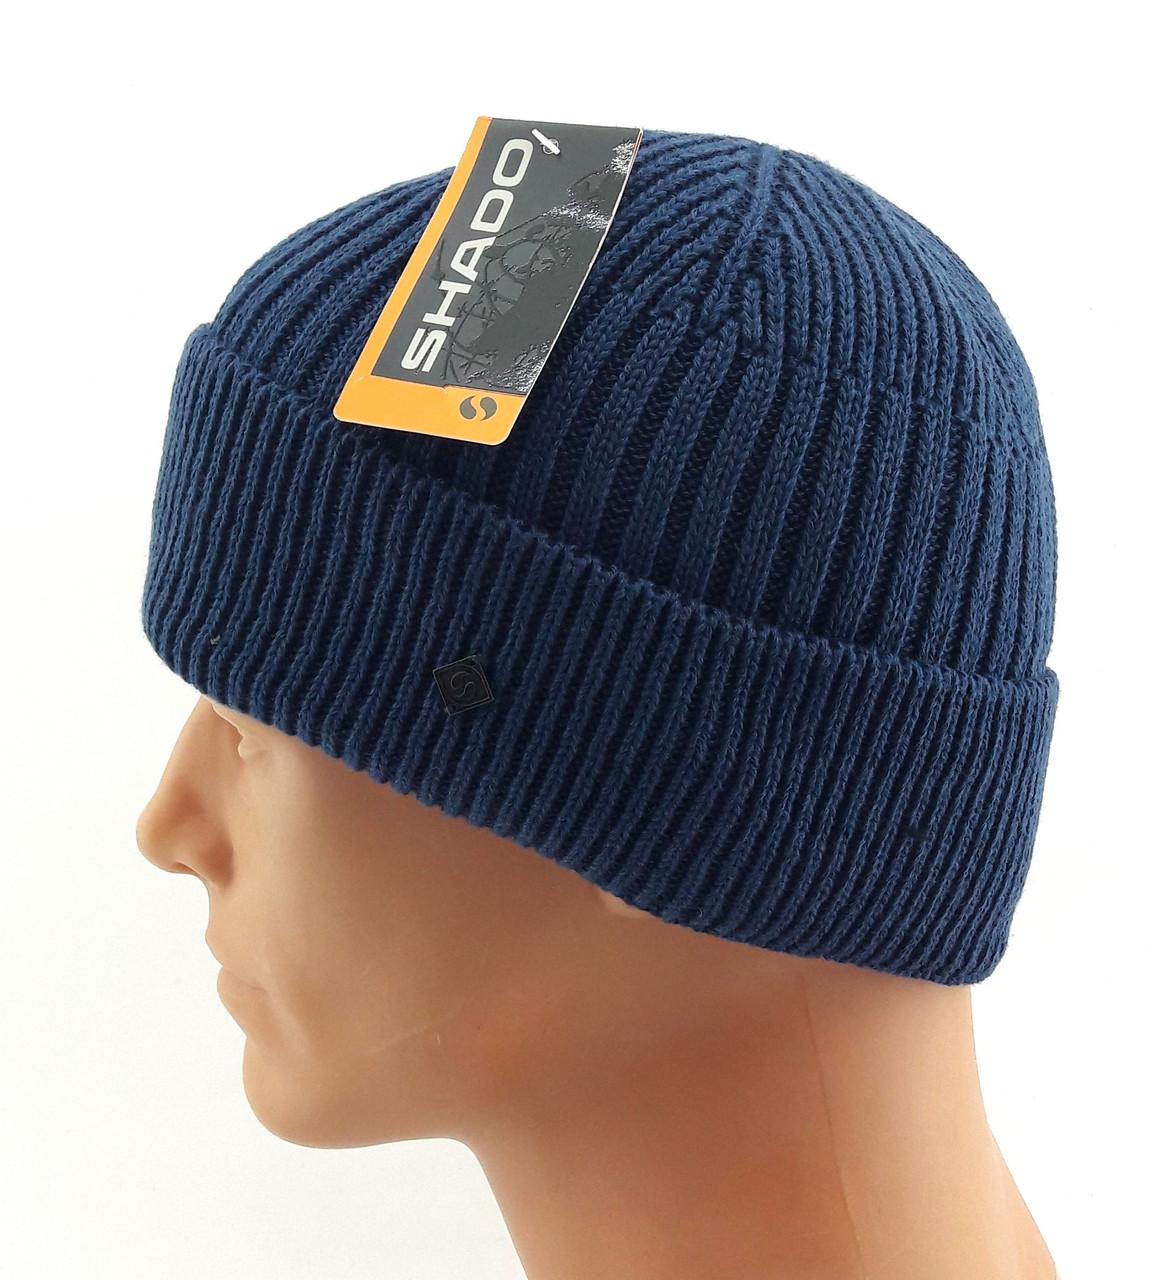 вязаная шапка мужская с заворотом Shado размер универсальный шб122